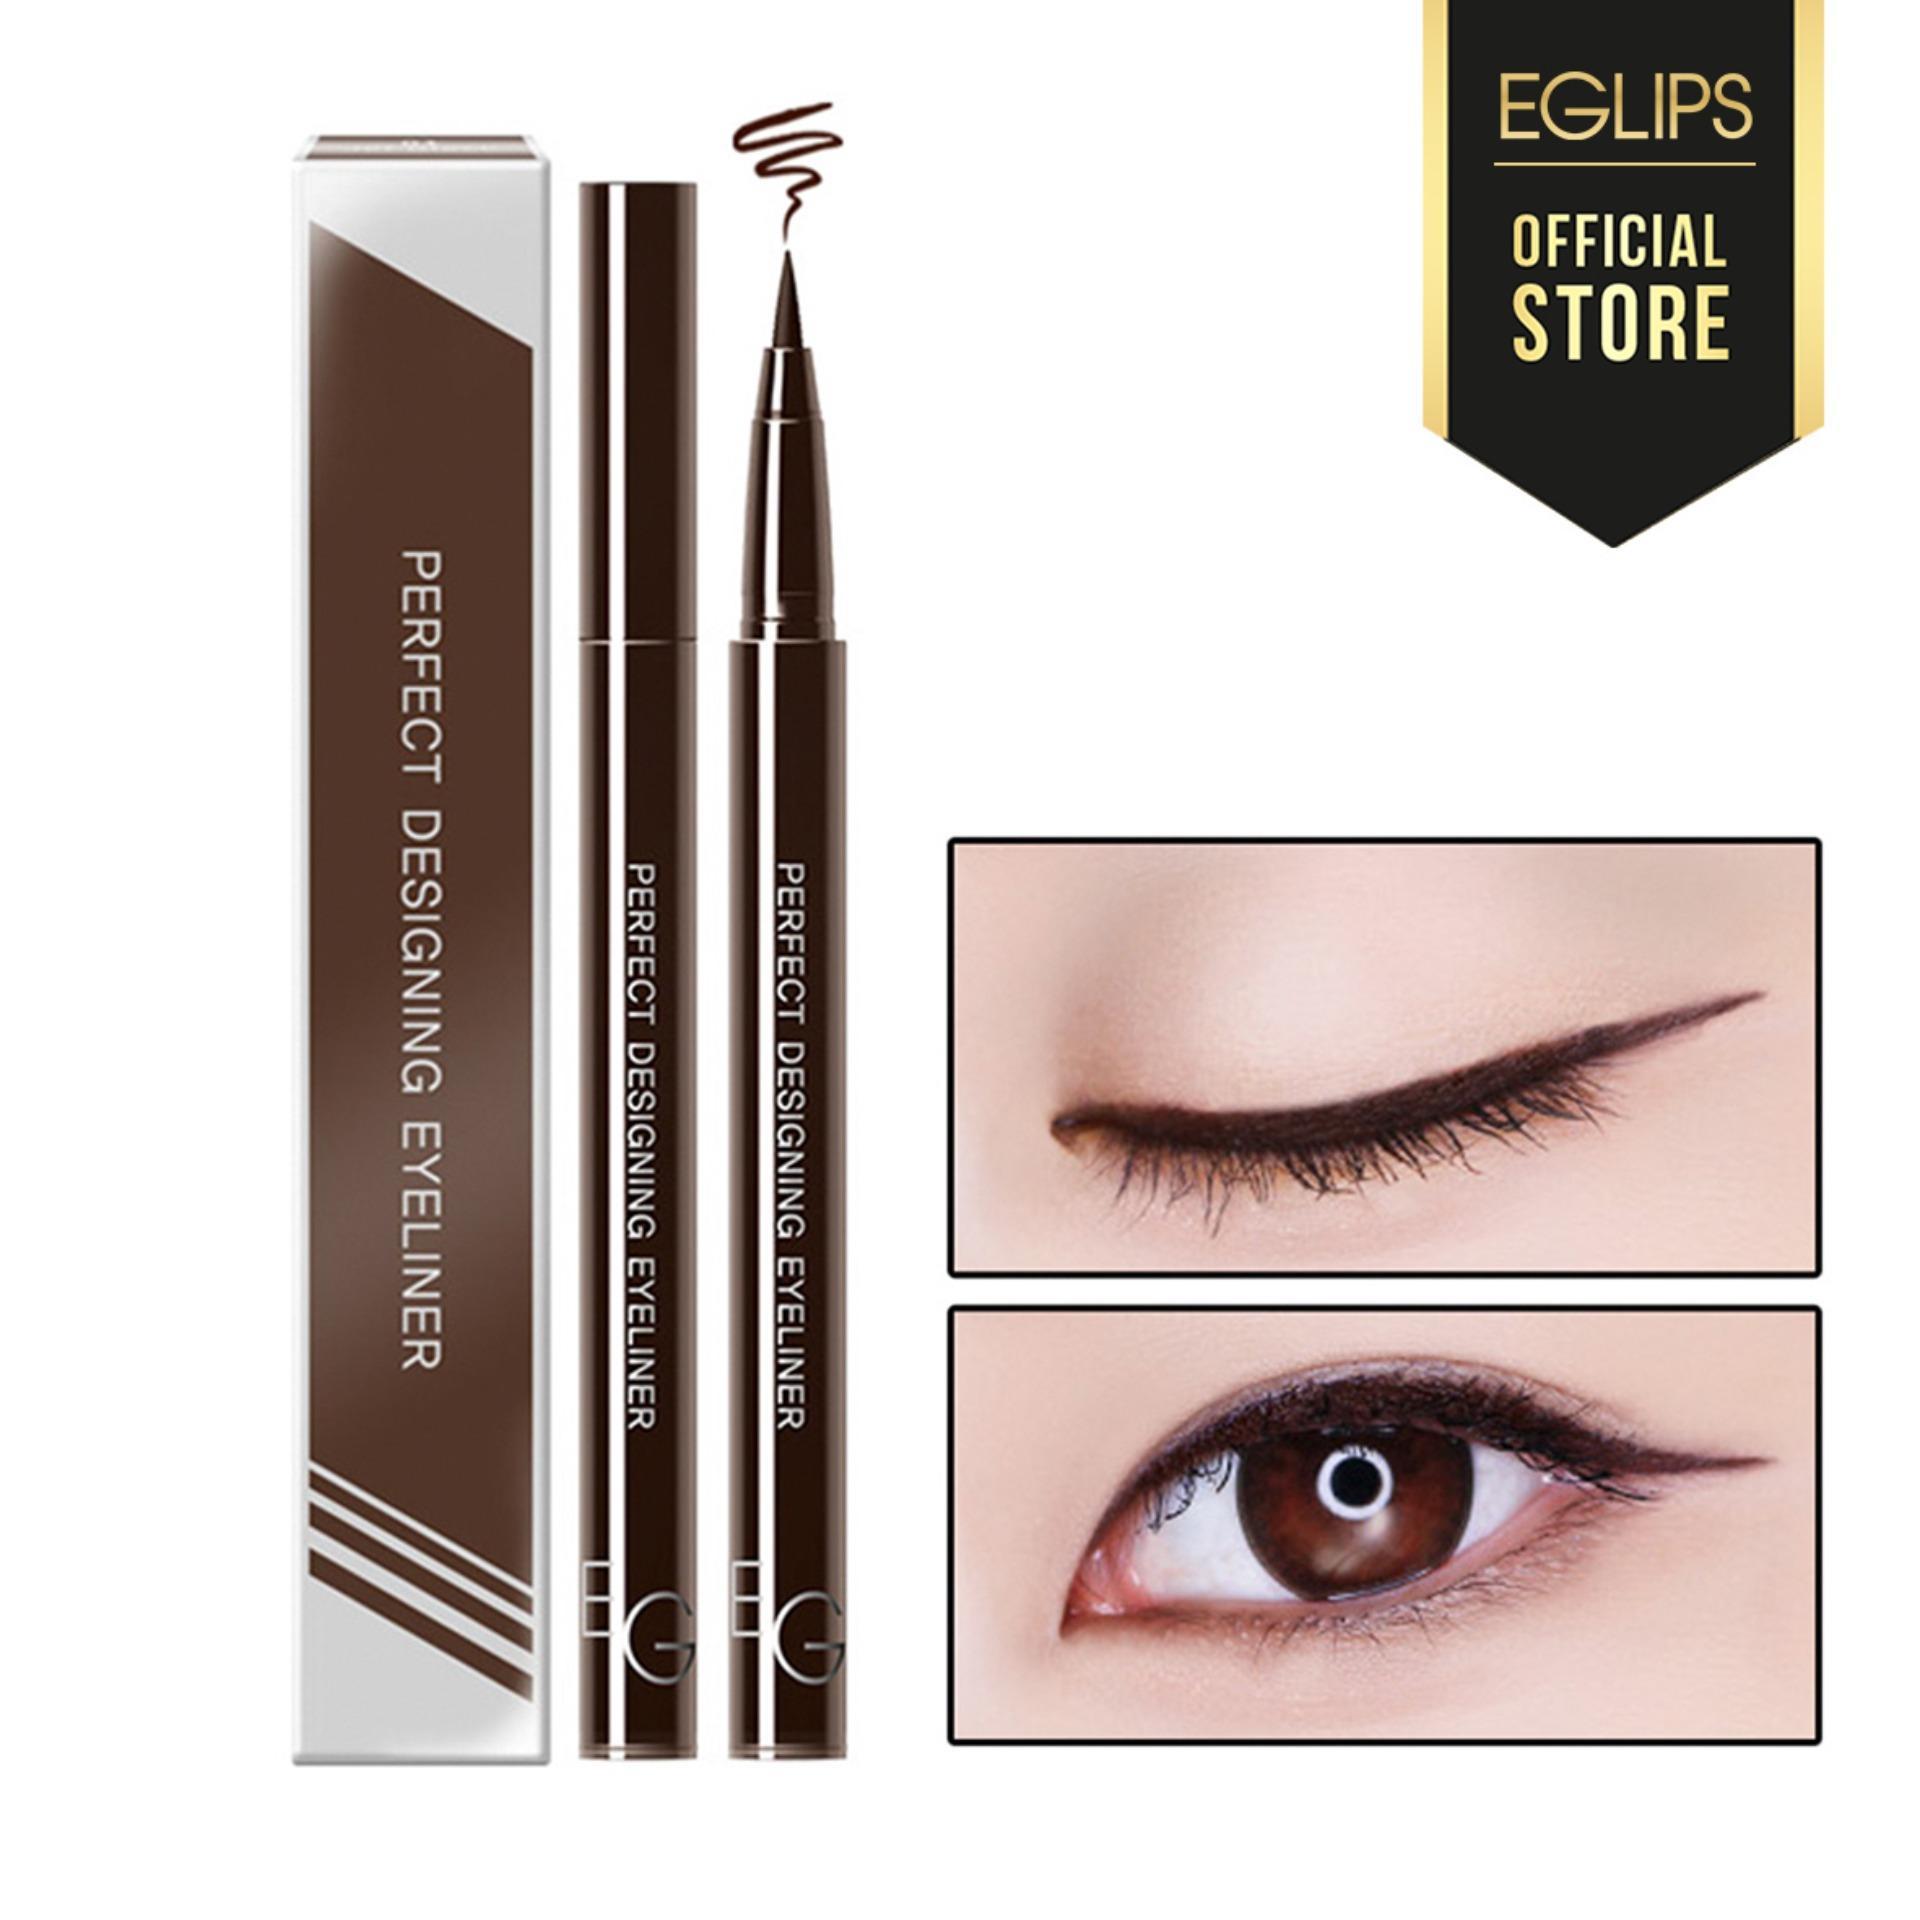 Kẻ mắt nước lâu trôi Eglips Perfect Designing Eyeliner - 02 Rich Brown (Màu nâu) tốt nhất